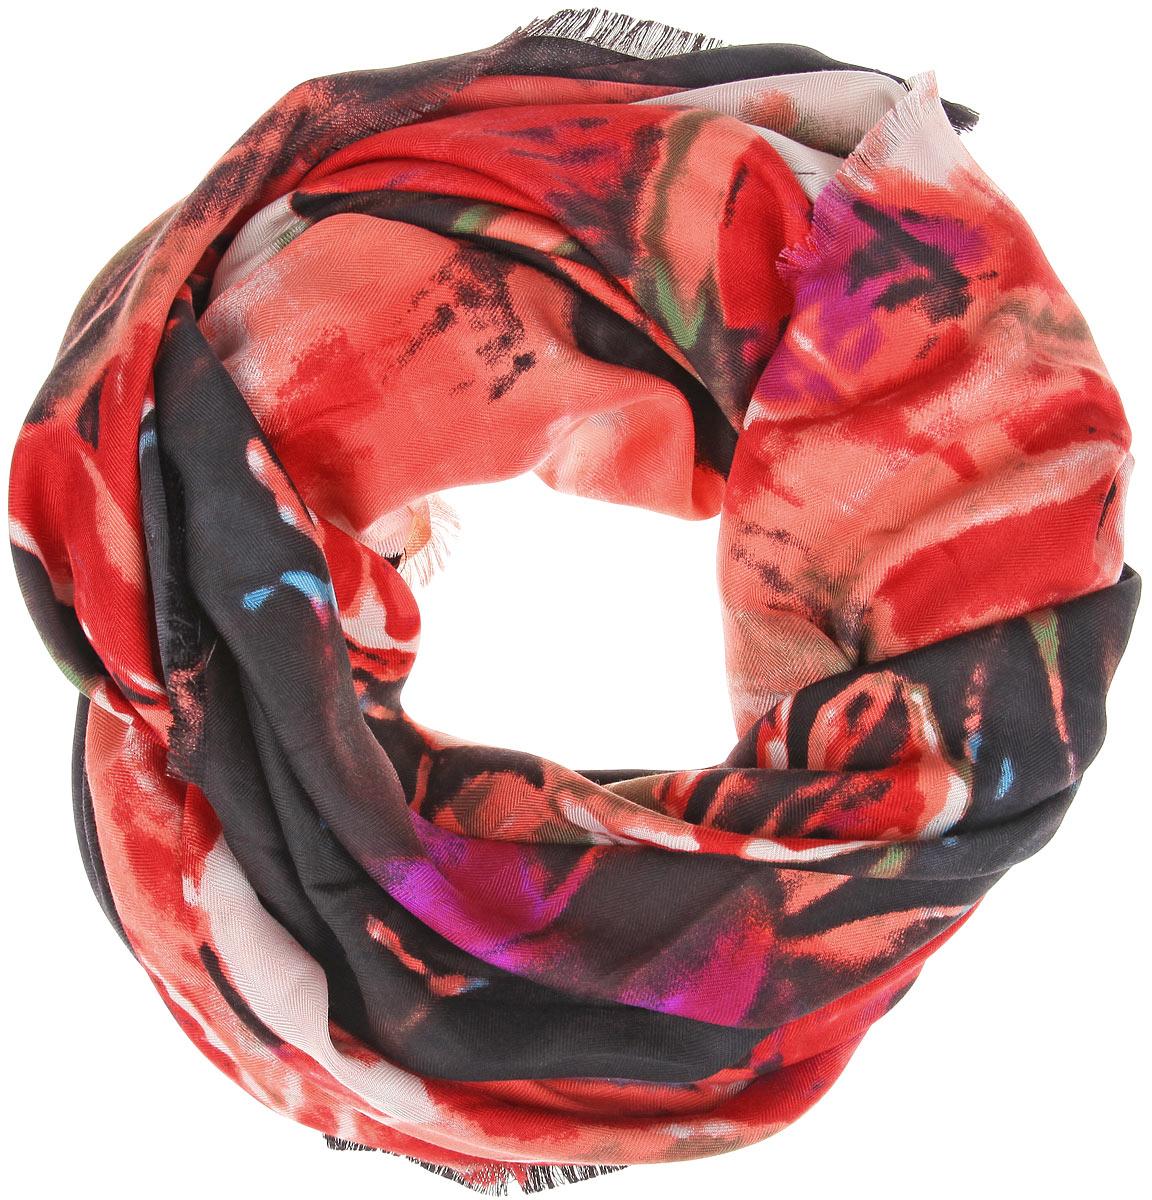 Платок женский Sophie Ramage, цвет: красный, черный, фиолетовый. BH-11526-9. Размер 130 см x 130 смBH-11526-9Великолепный платок Fiona Fantozzi станет изысканным аксессуаром, которыйподчеркнет ваши индивидуальность и очарование. Платок изготовлен из модала сдобавлением кашемира и оформлен эффектным цветочным узором. Краямодели украшены короткой бахромой. Платок Fiona Fantozzi станетвашим верным спутником, а окружающие обязательно будут обращать своевосторженное внимание на вас.